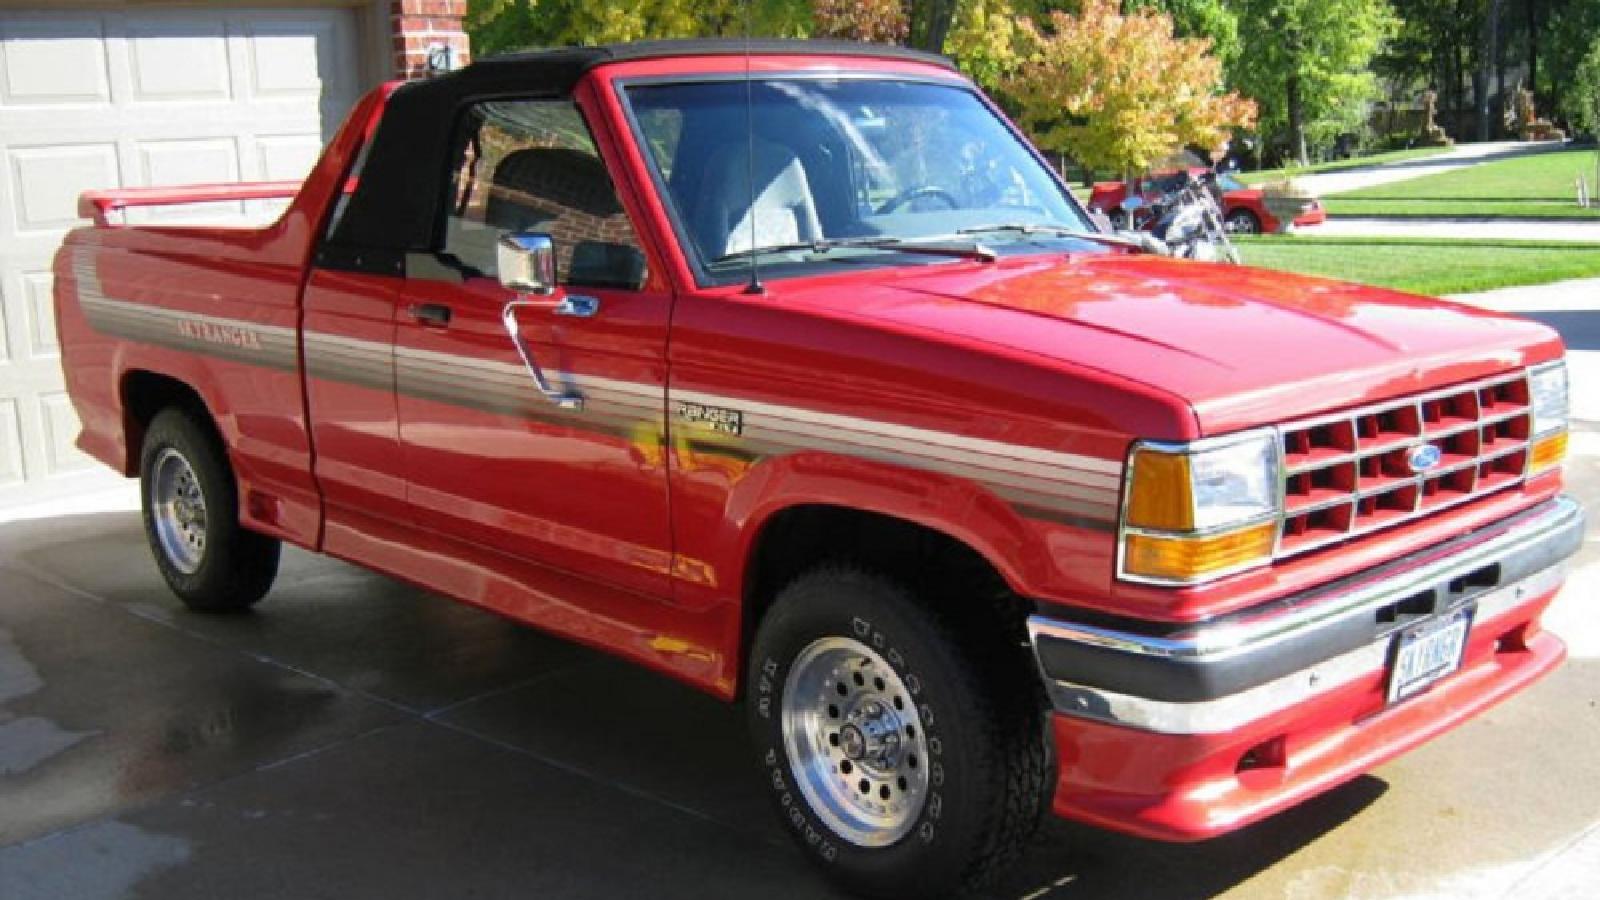 Strange and Interesting Variations on Ford Trucks